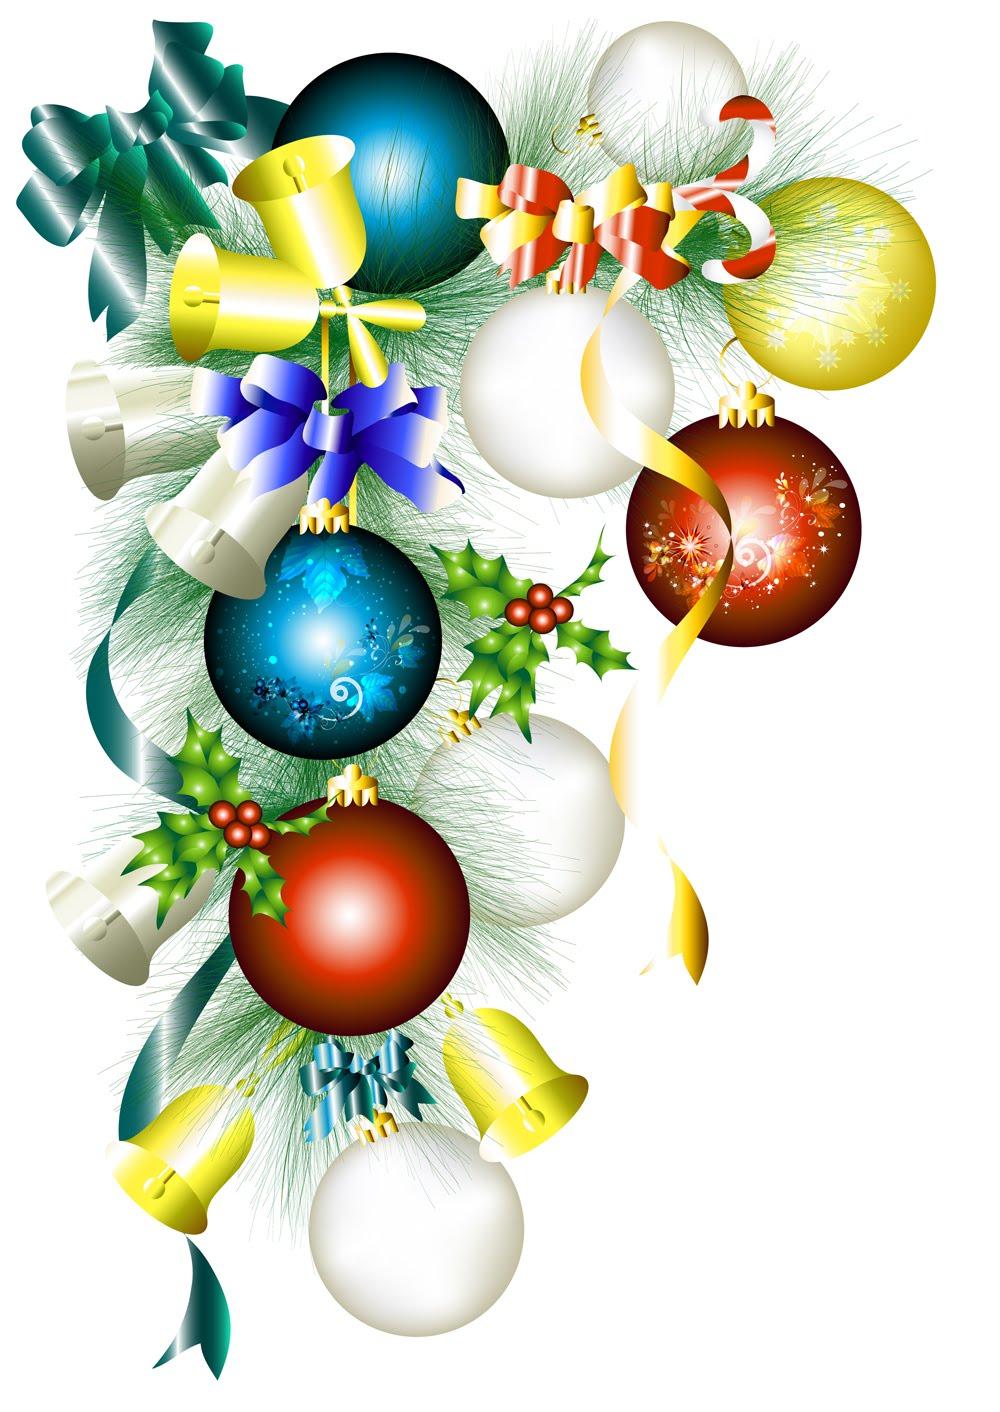 Adornos navideños para blogs, páginas web, tarjetas y postales ...